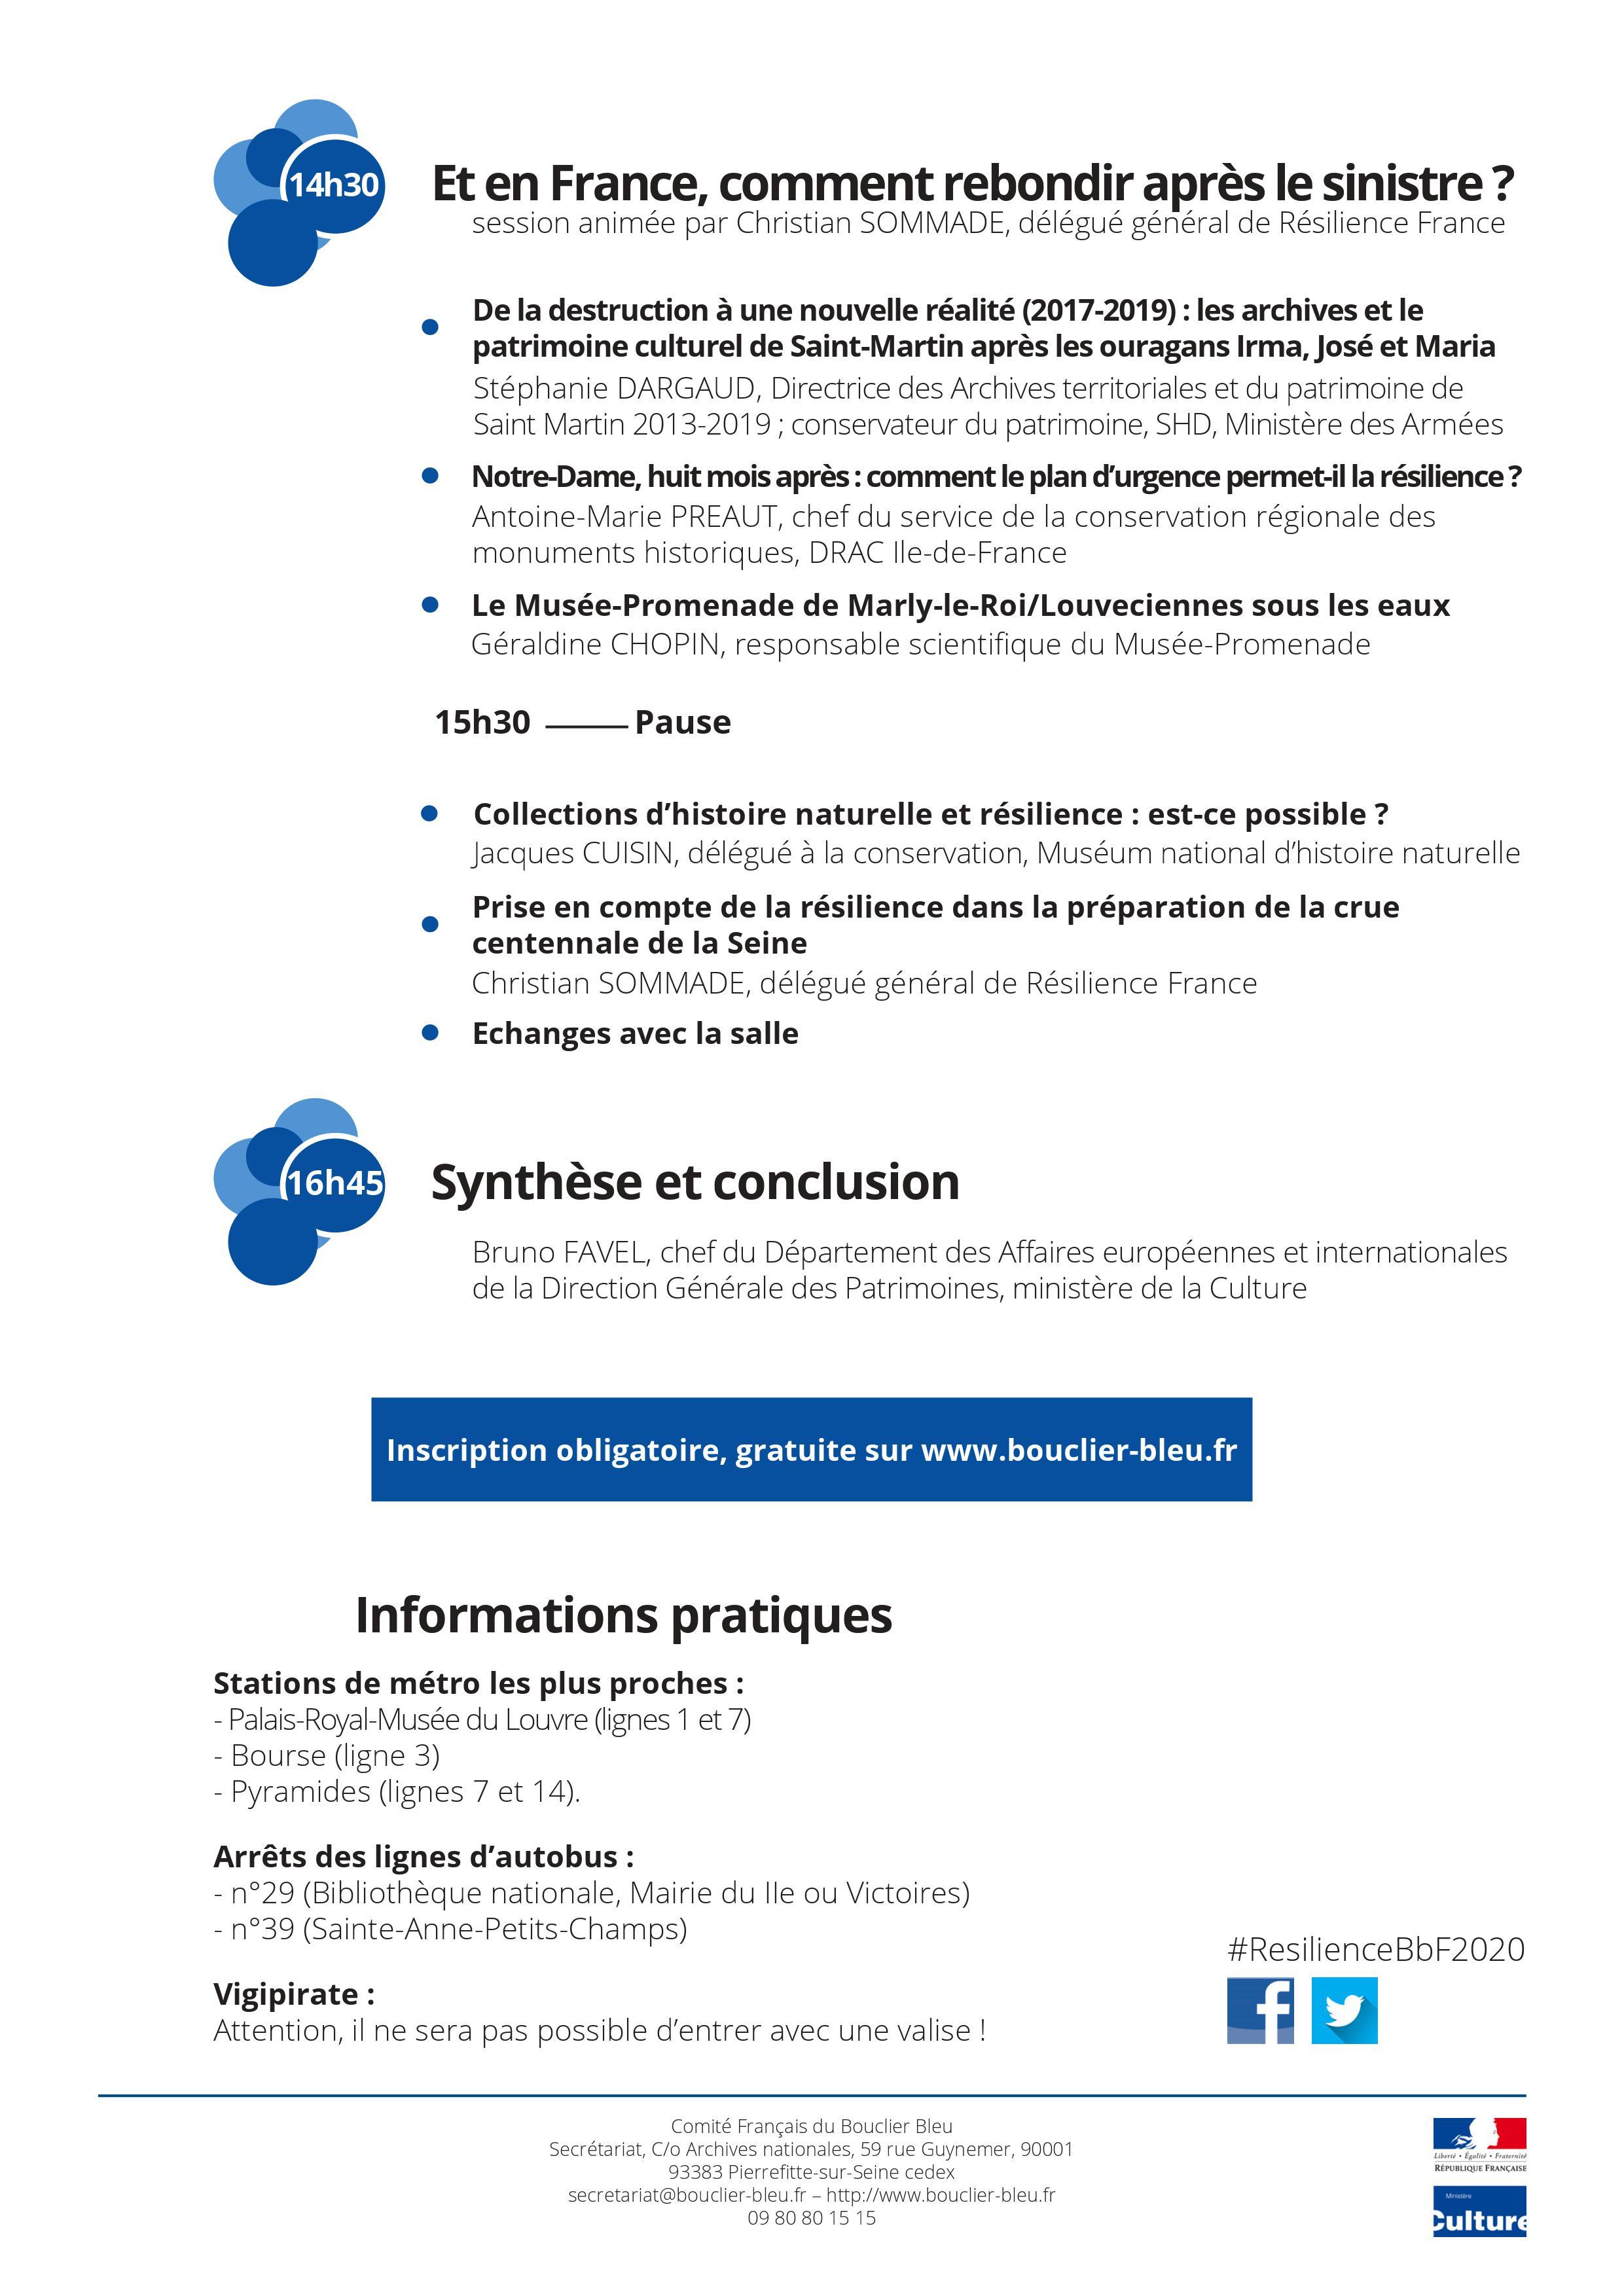 http://www.bouclier-bleu.fr/wp-content/uploads/2020/01/BbF-colloque-2019-Pogramme-court-2.jpg